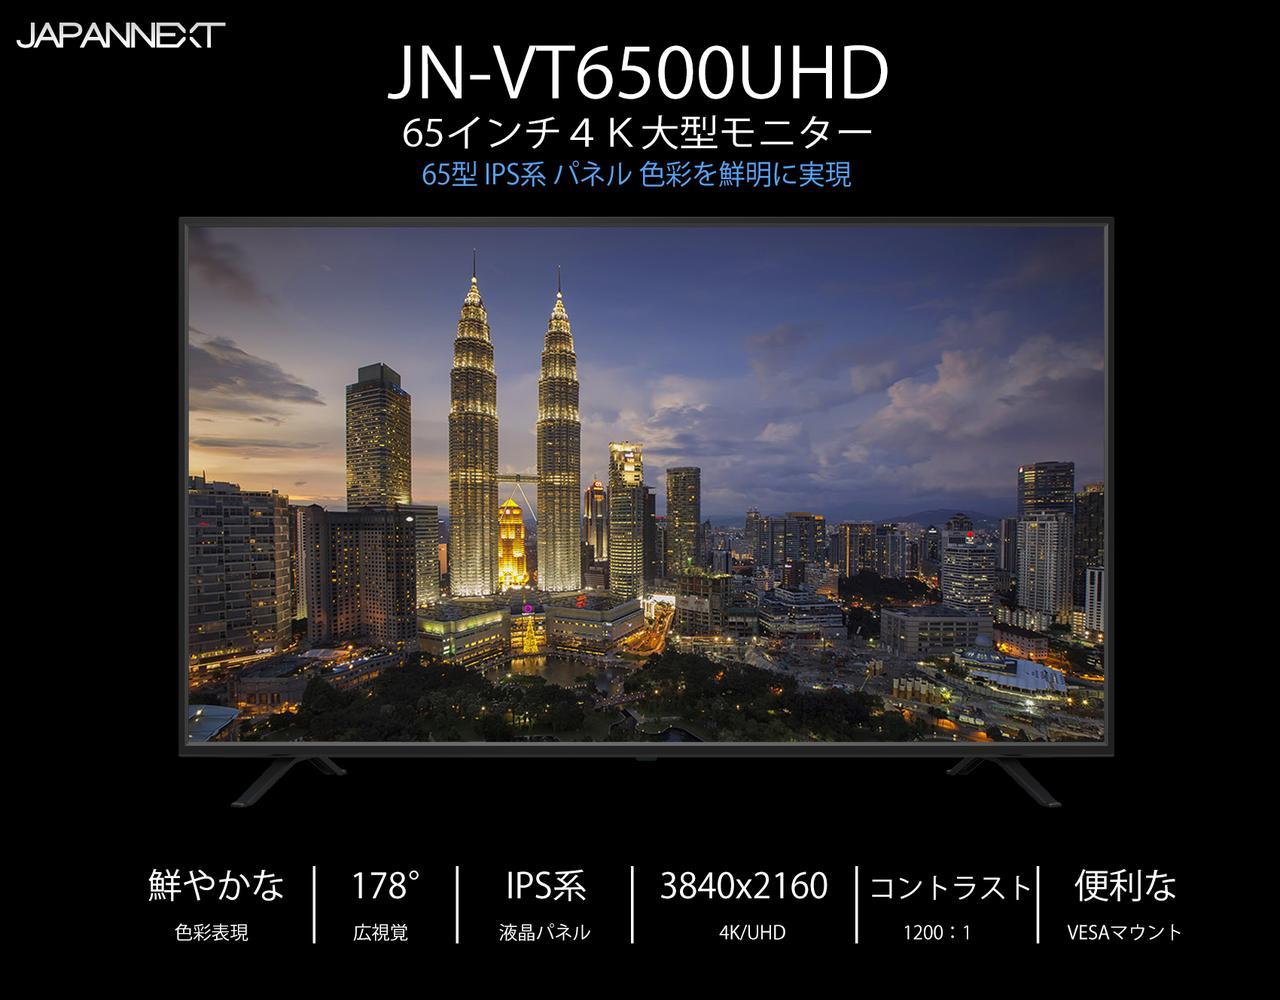 画像: JN-VT6500UHD 4kモニター  65型 UHDディスプレイ HDMI2.0 HDCP2.2 JAPANNEXT